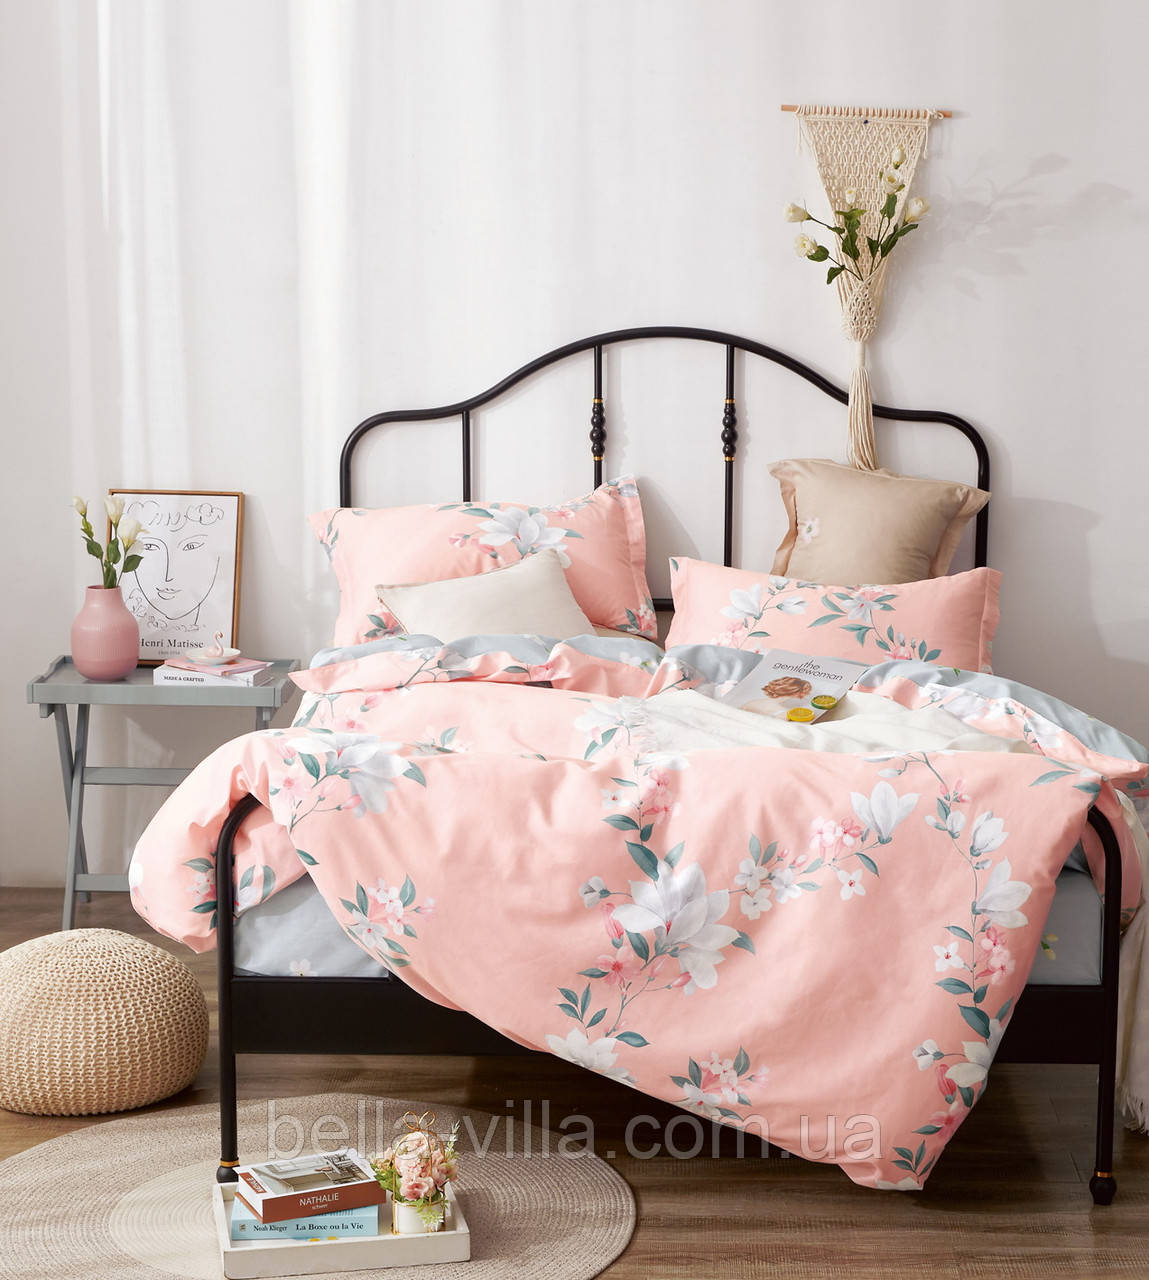 Комплект постельного белья семейный Bella Villa сатин розовый с цветами